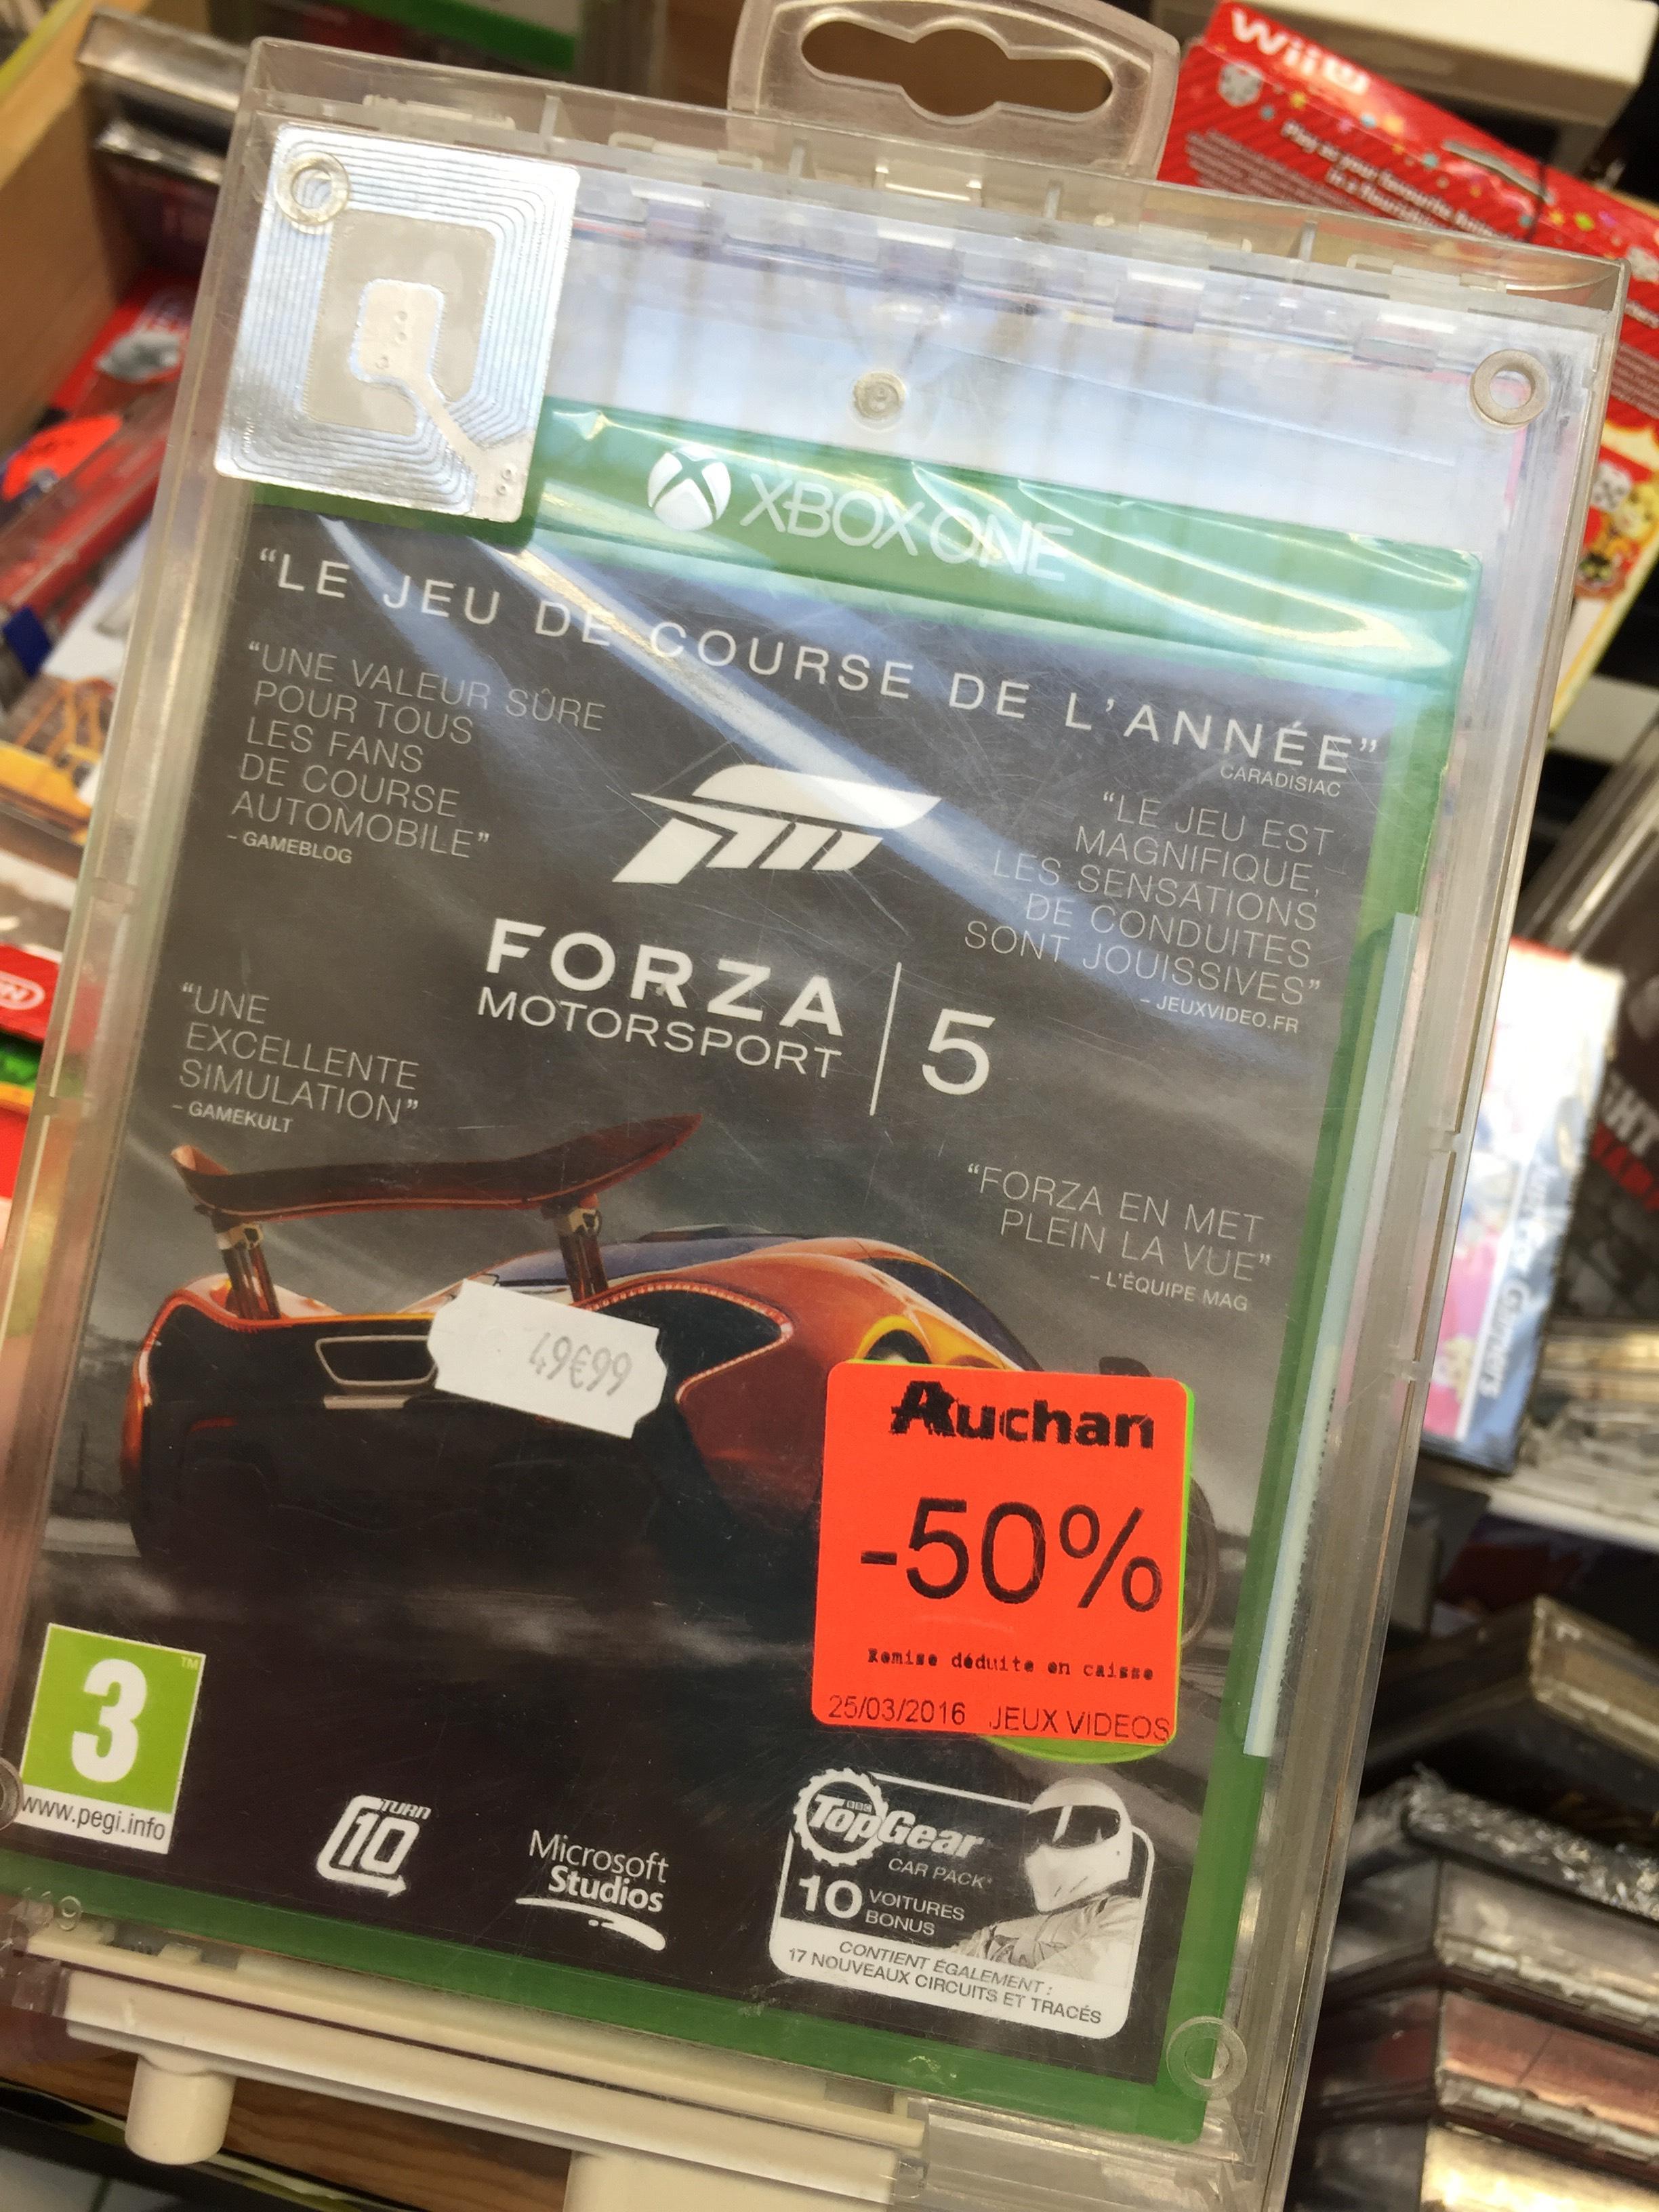 De 30 à 50% de réduction sur une sélection de jeux vidéos et accessoires - Ex: Forza 5 sur Xbox One